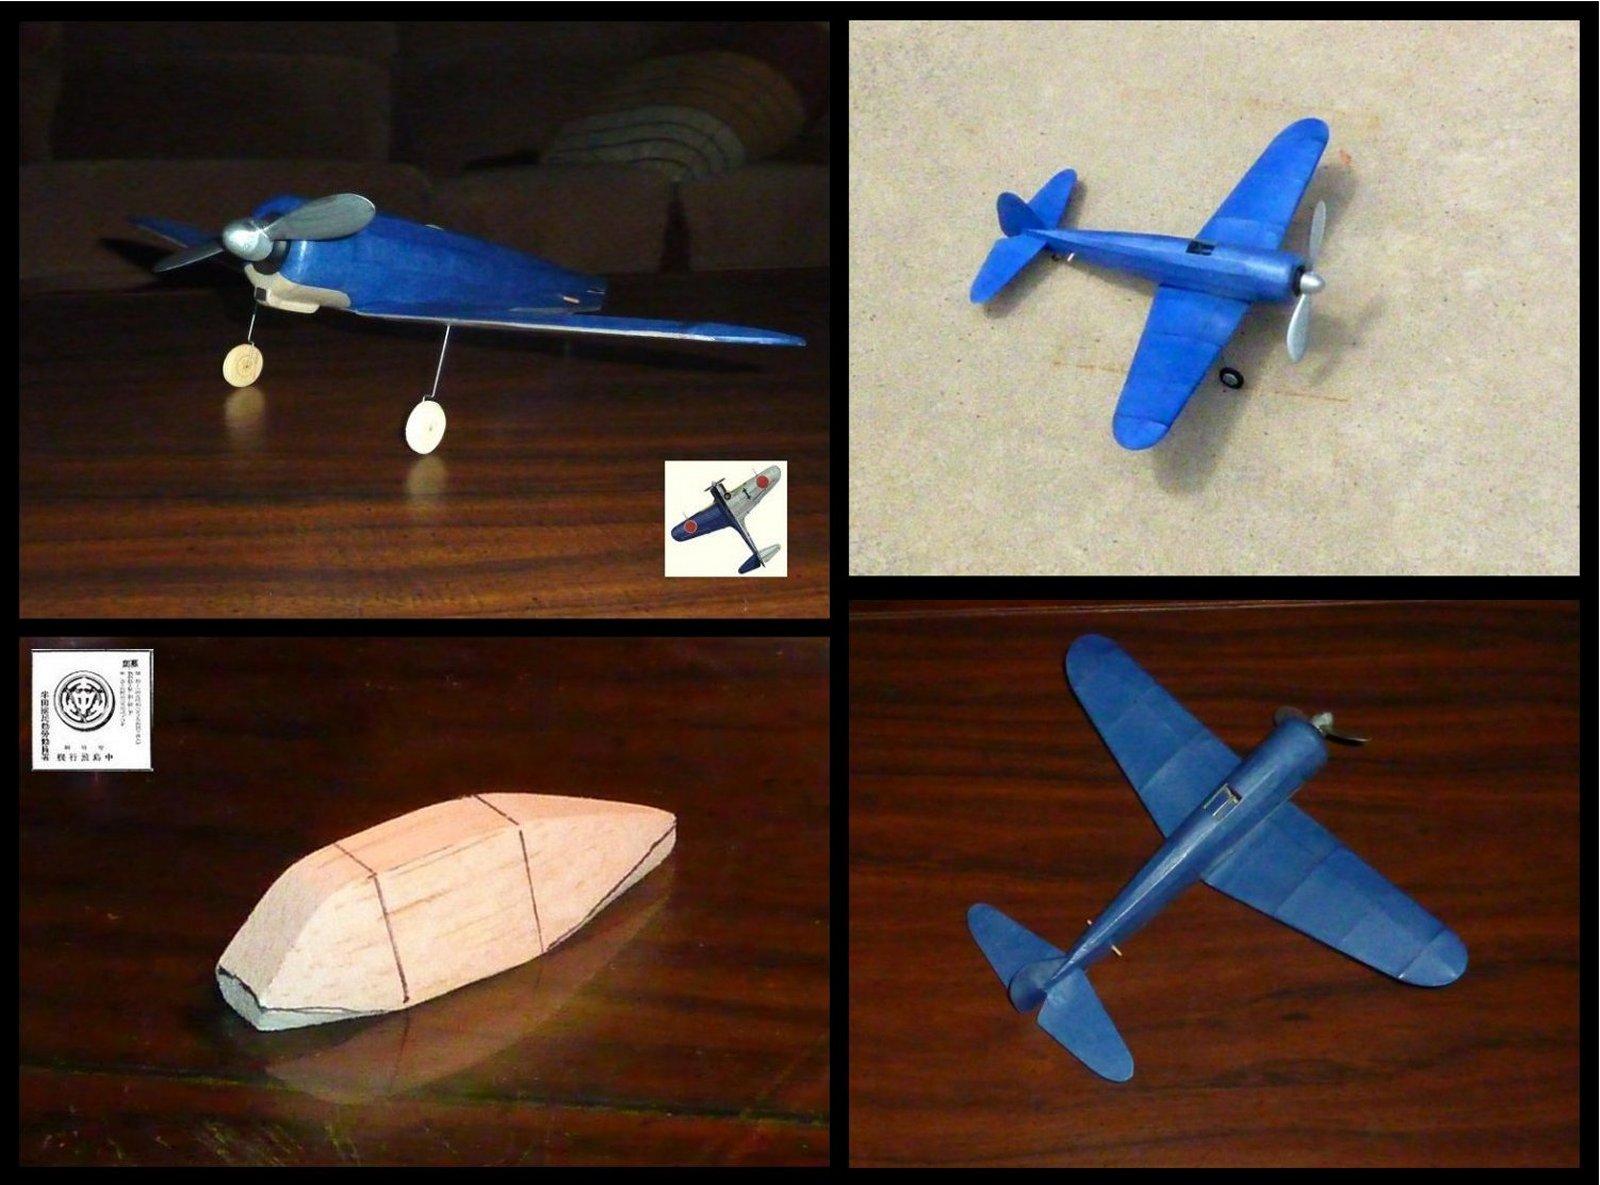 Nakajima_Ki-43_Hayabusa_OSCAR_11.jpg